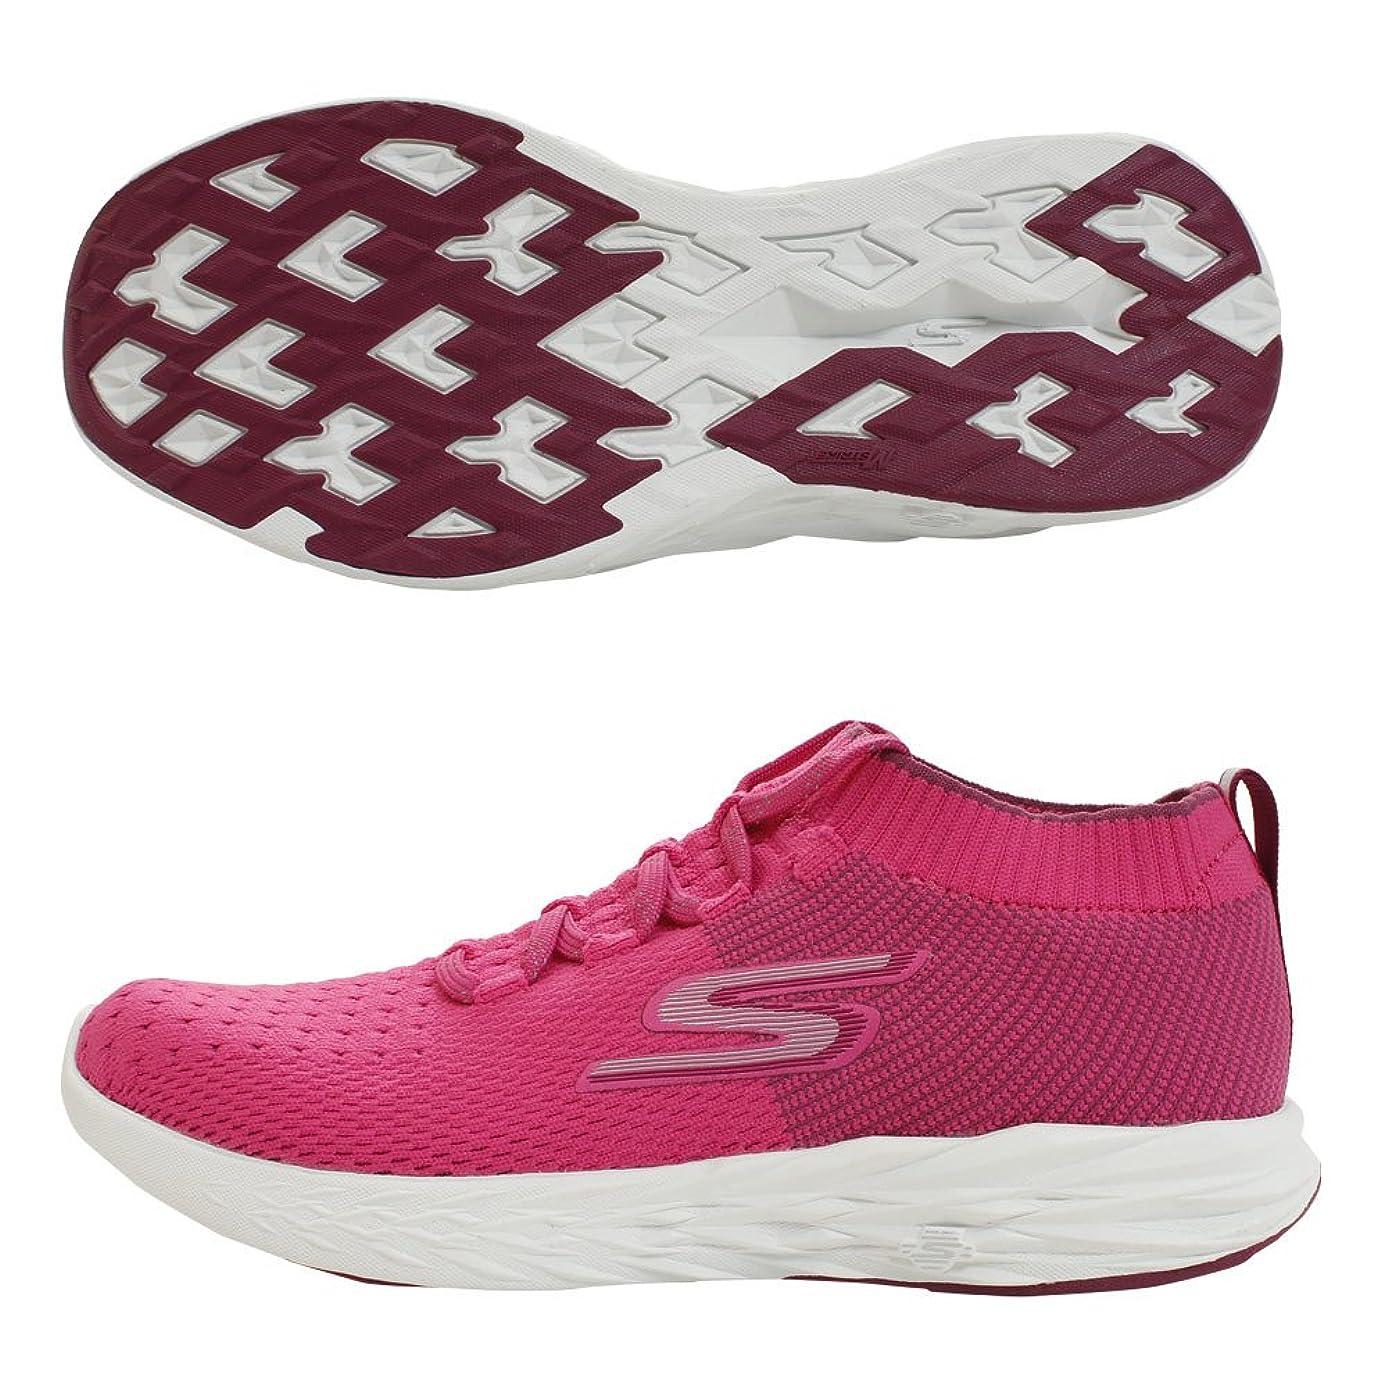 聴くスイ欺く[スケッチャーズ] レディース 女性用 シューズ 靴 スニーカー 運動靴 GOrun 6 - Pink [並行輸入品]